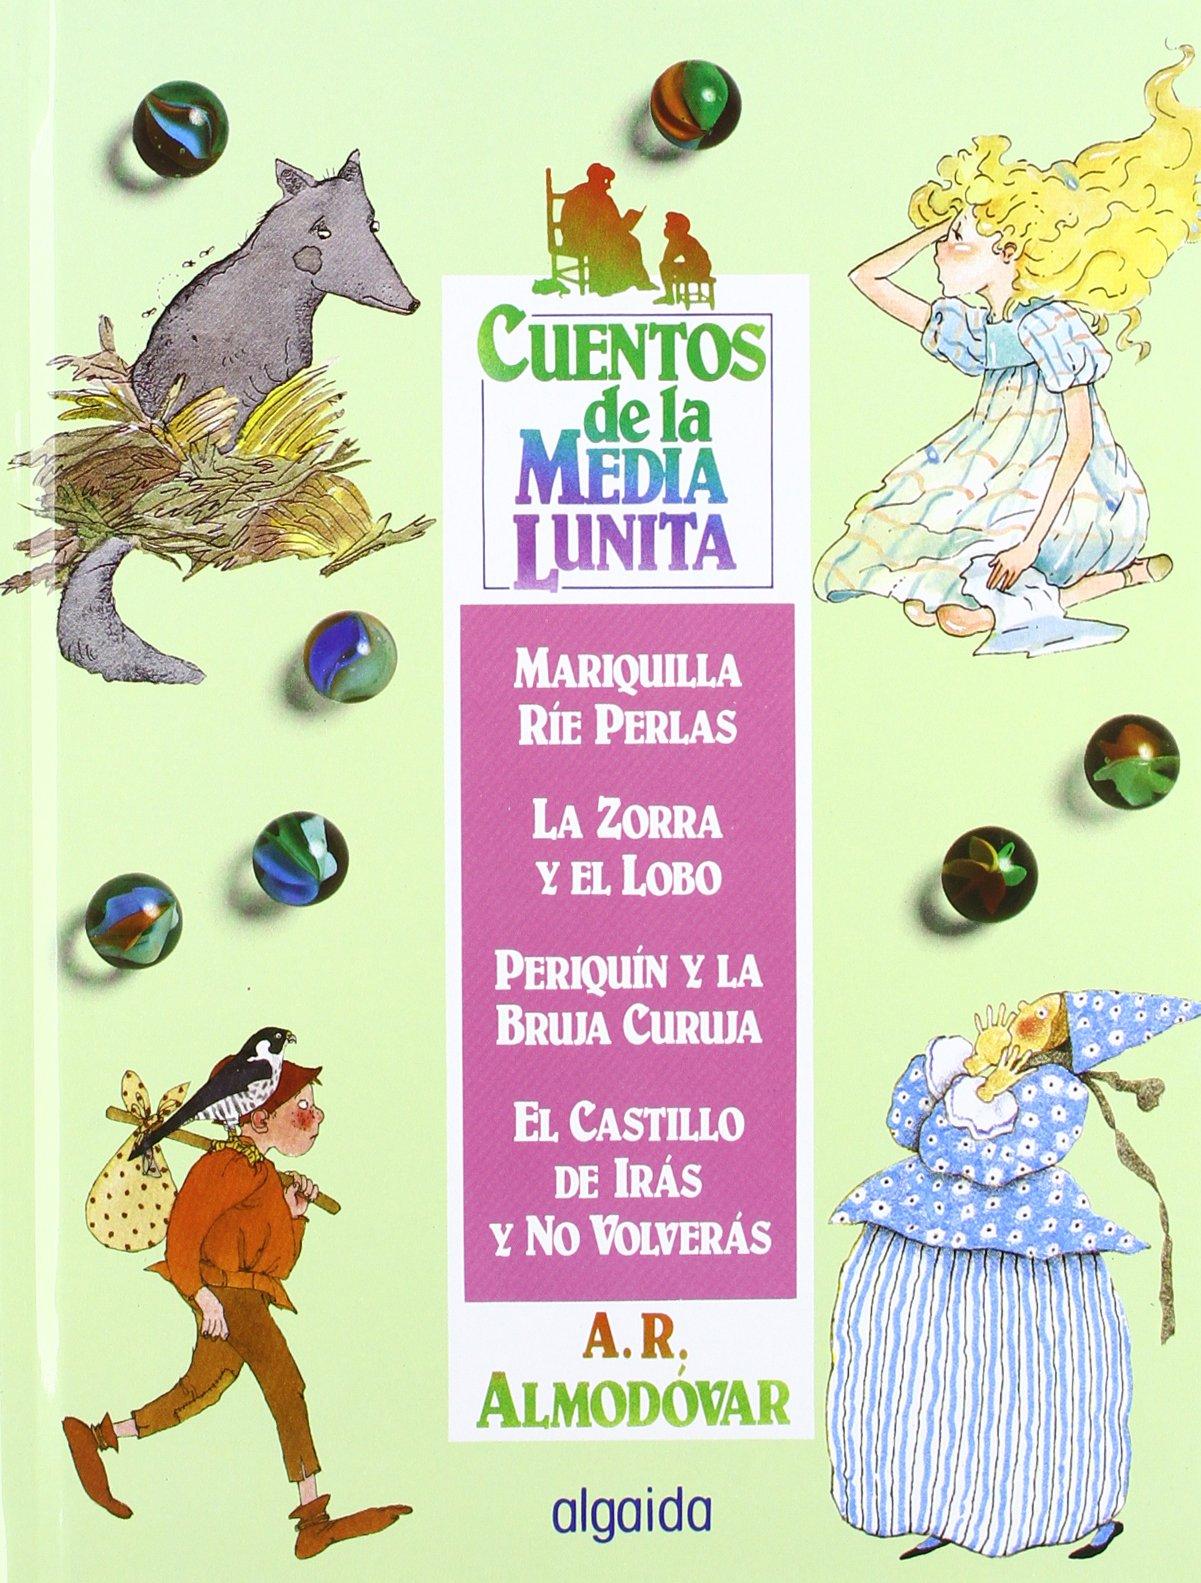 Cuentos de la media lunita volumen 3: Volumen III (del 9 al 12) (Infantil - Juvenil - Cuentos De La Media Lunita - Volúmenes En Cartoné)